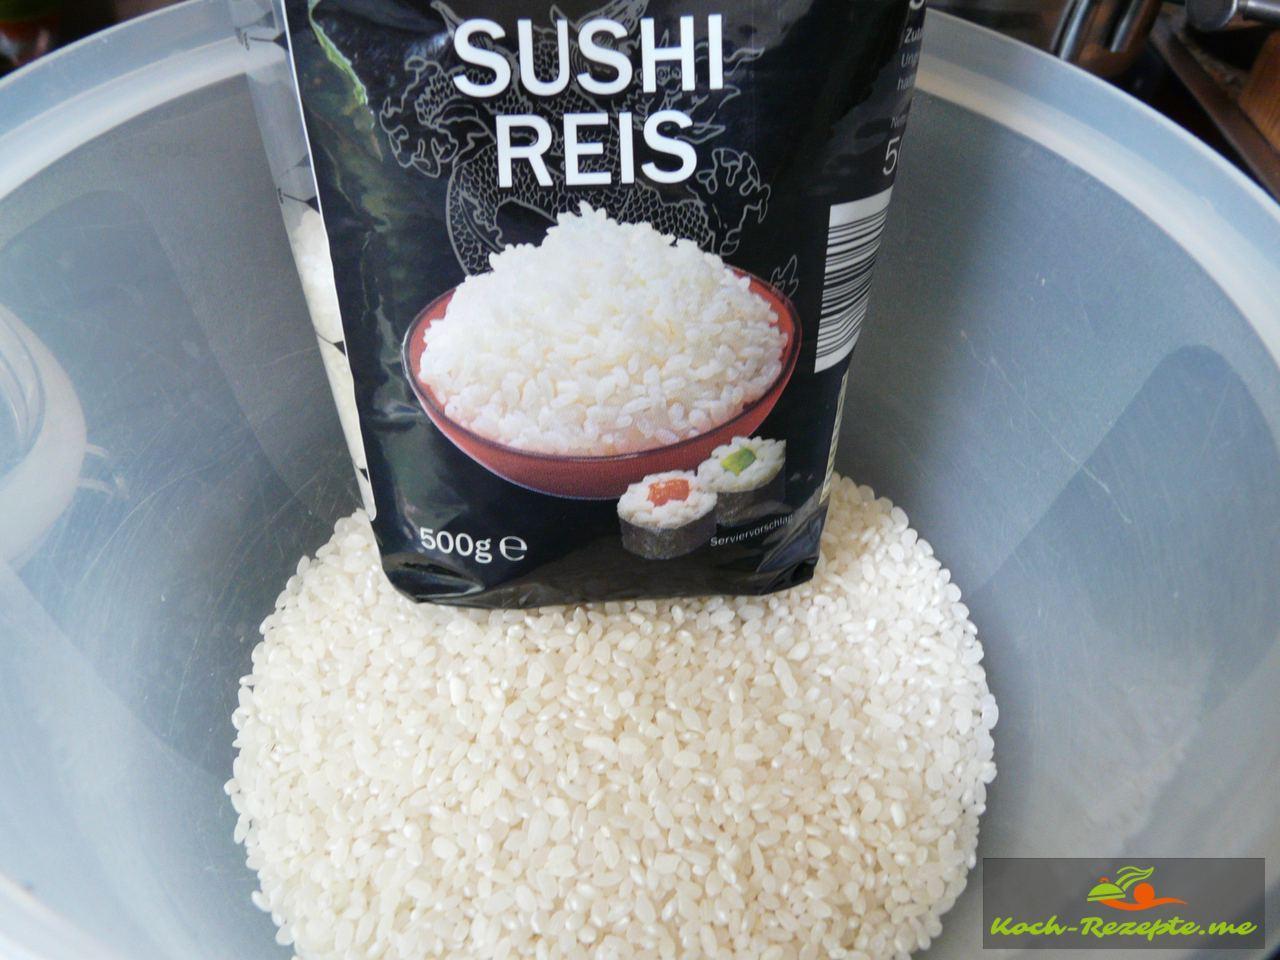 Sushi-Reis im Asialaden kaufen